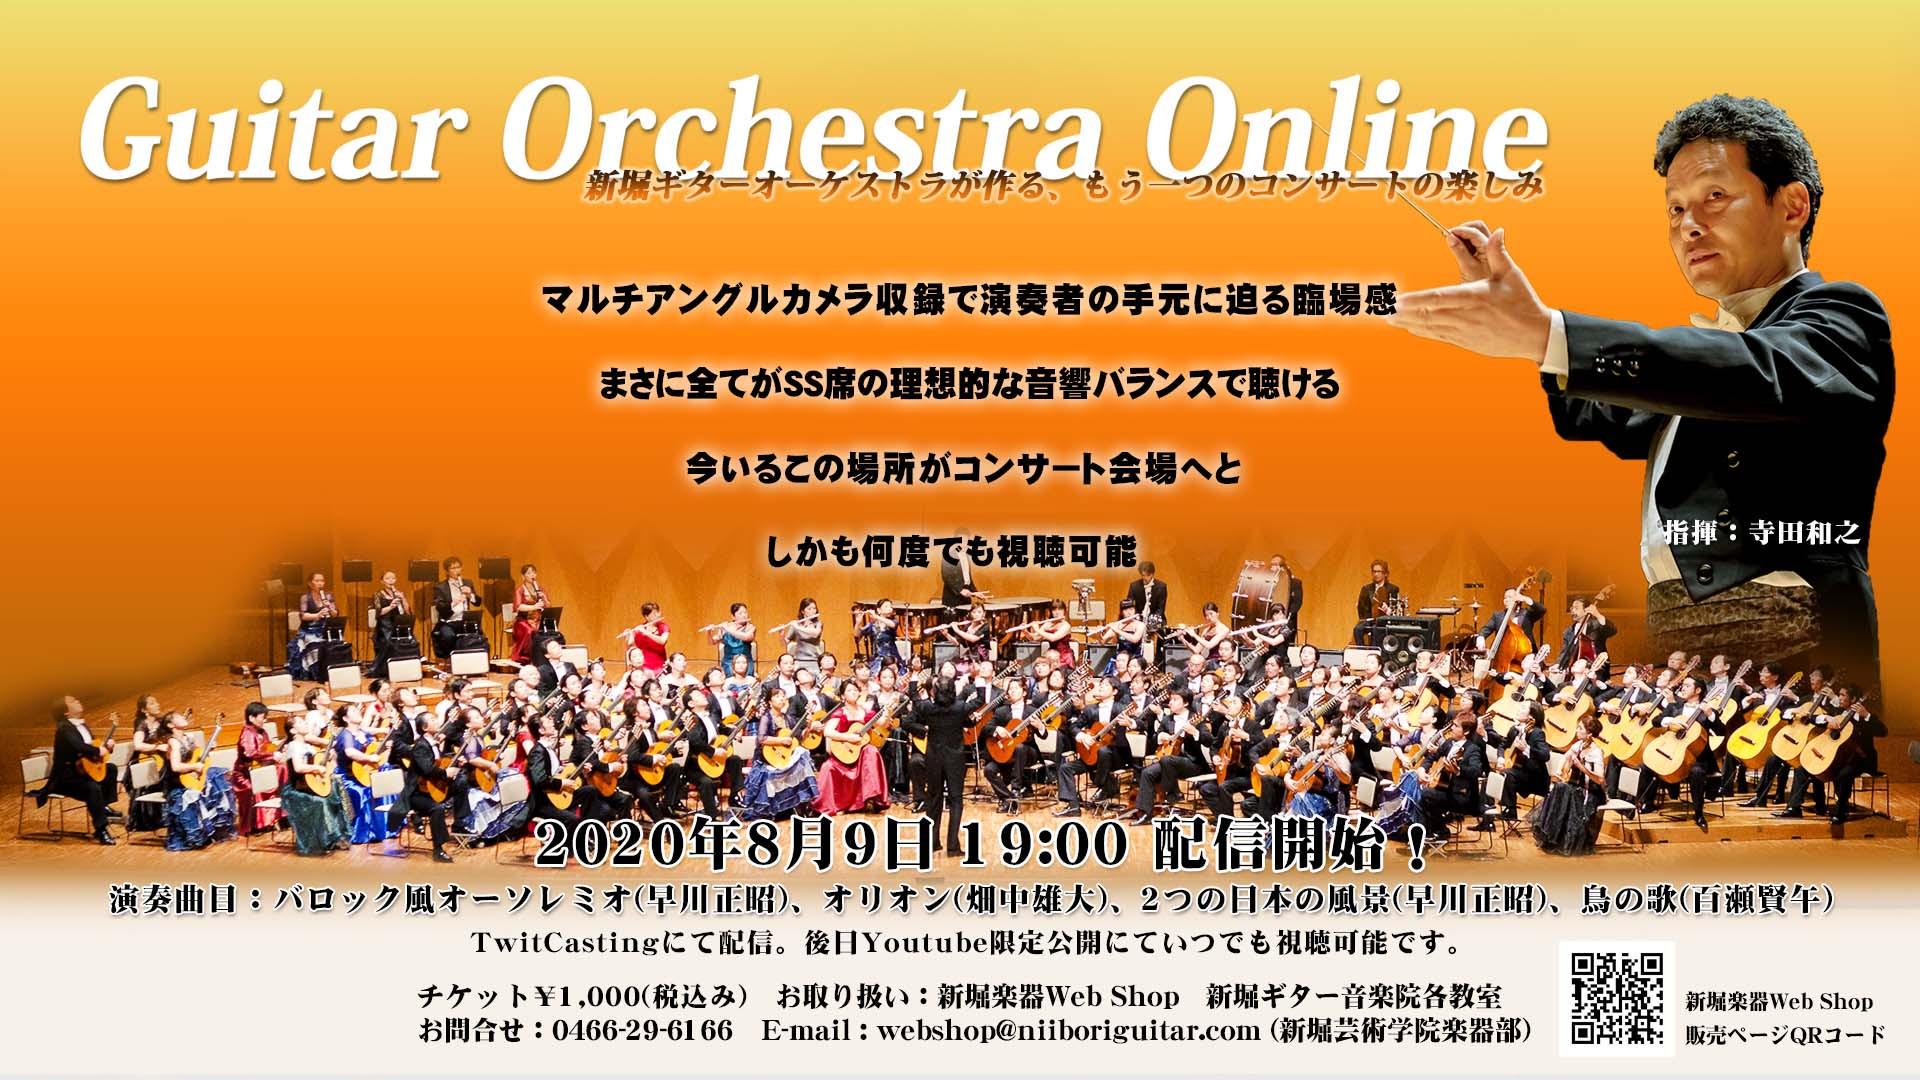 次回予告 2020年10月4日「Guitar Orchestra Online」コンサート